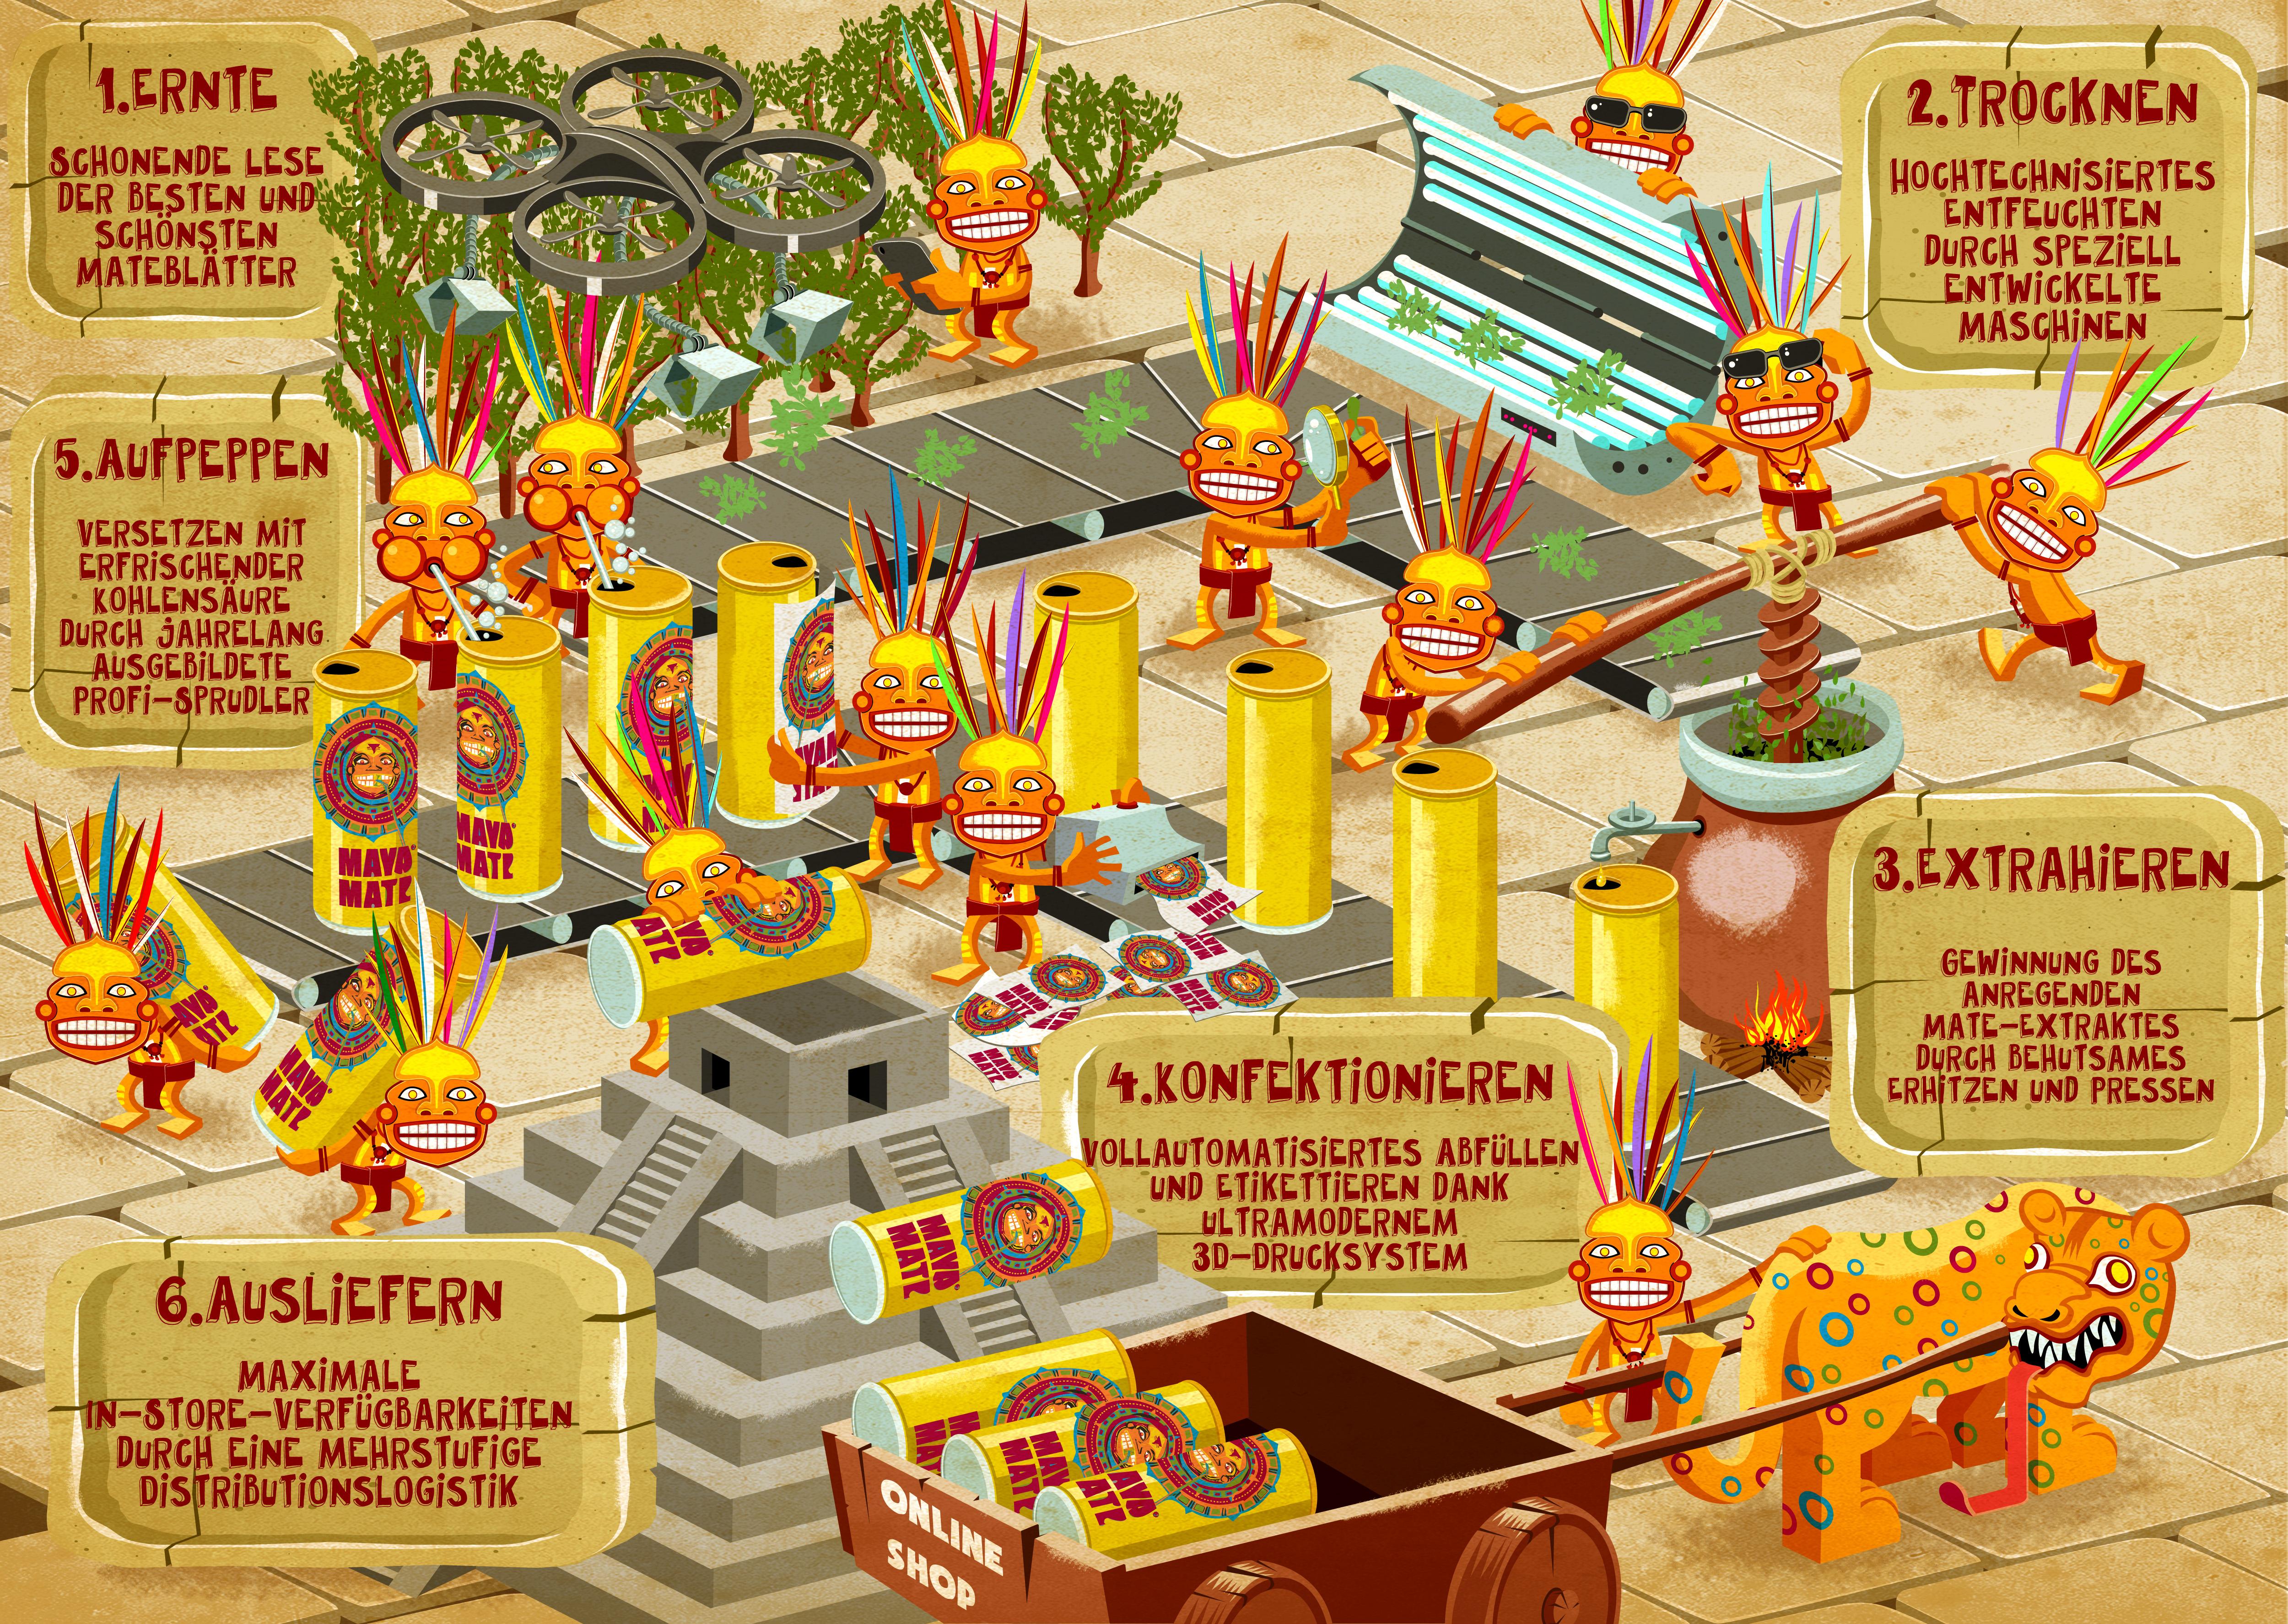 Schaubild zur Produktion des Maya-Mate Energydrinks